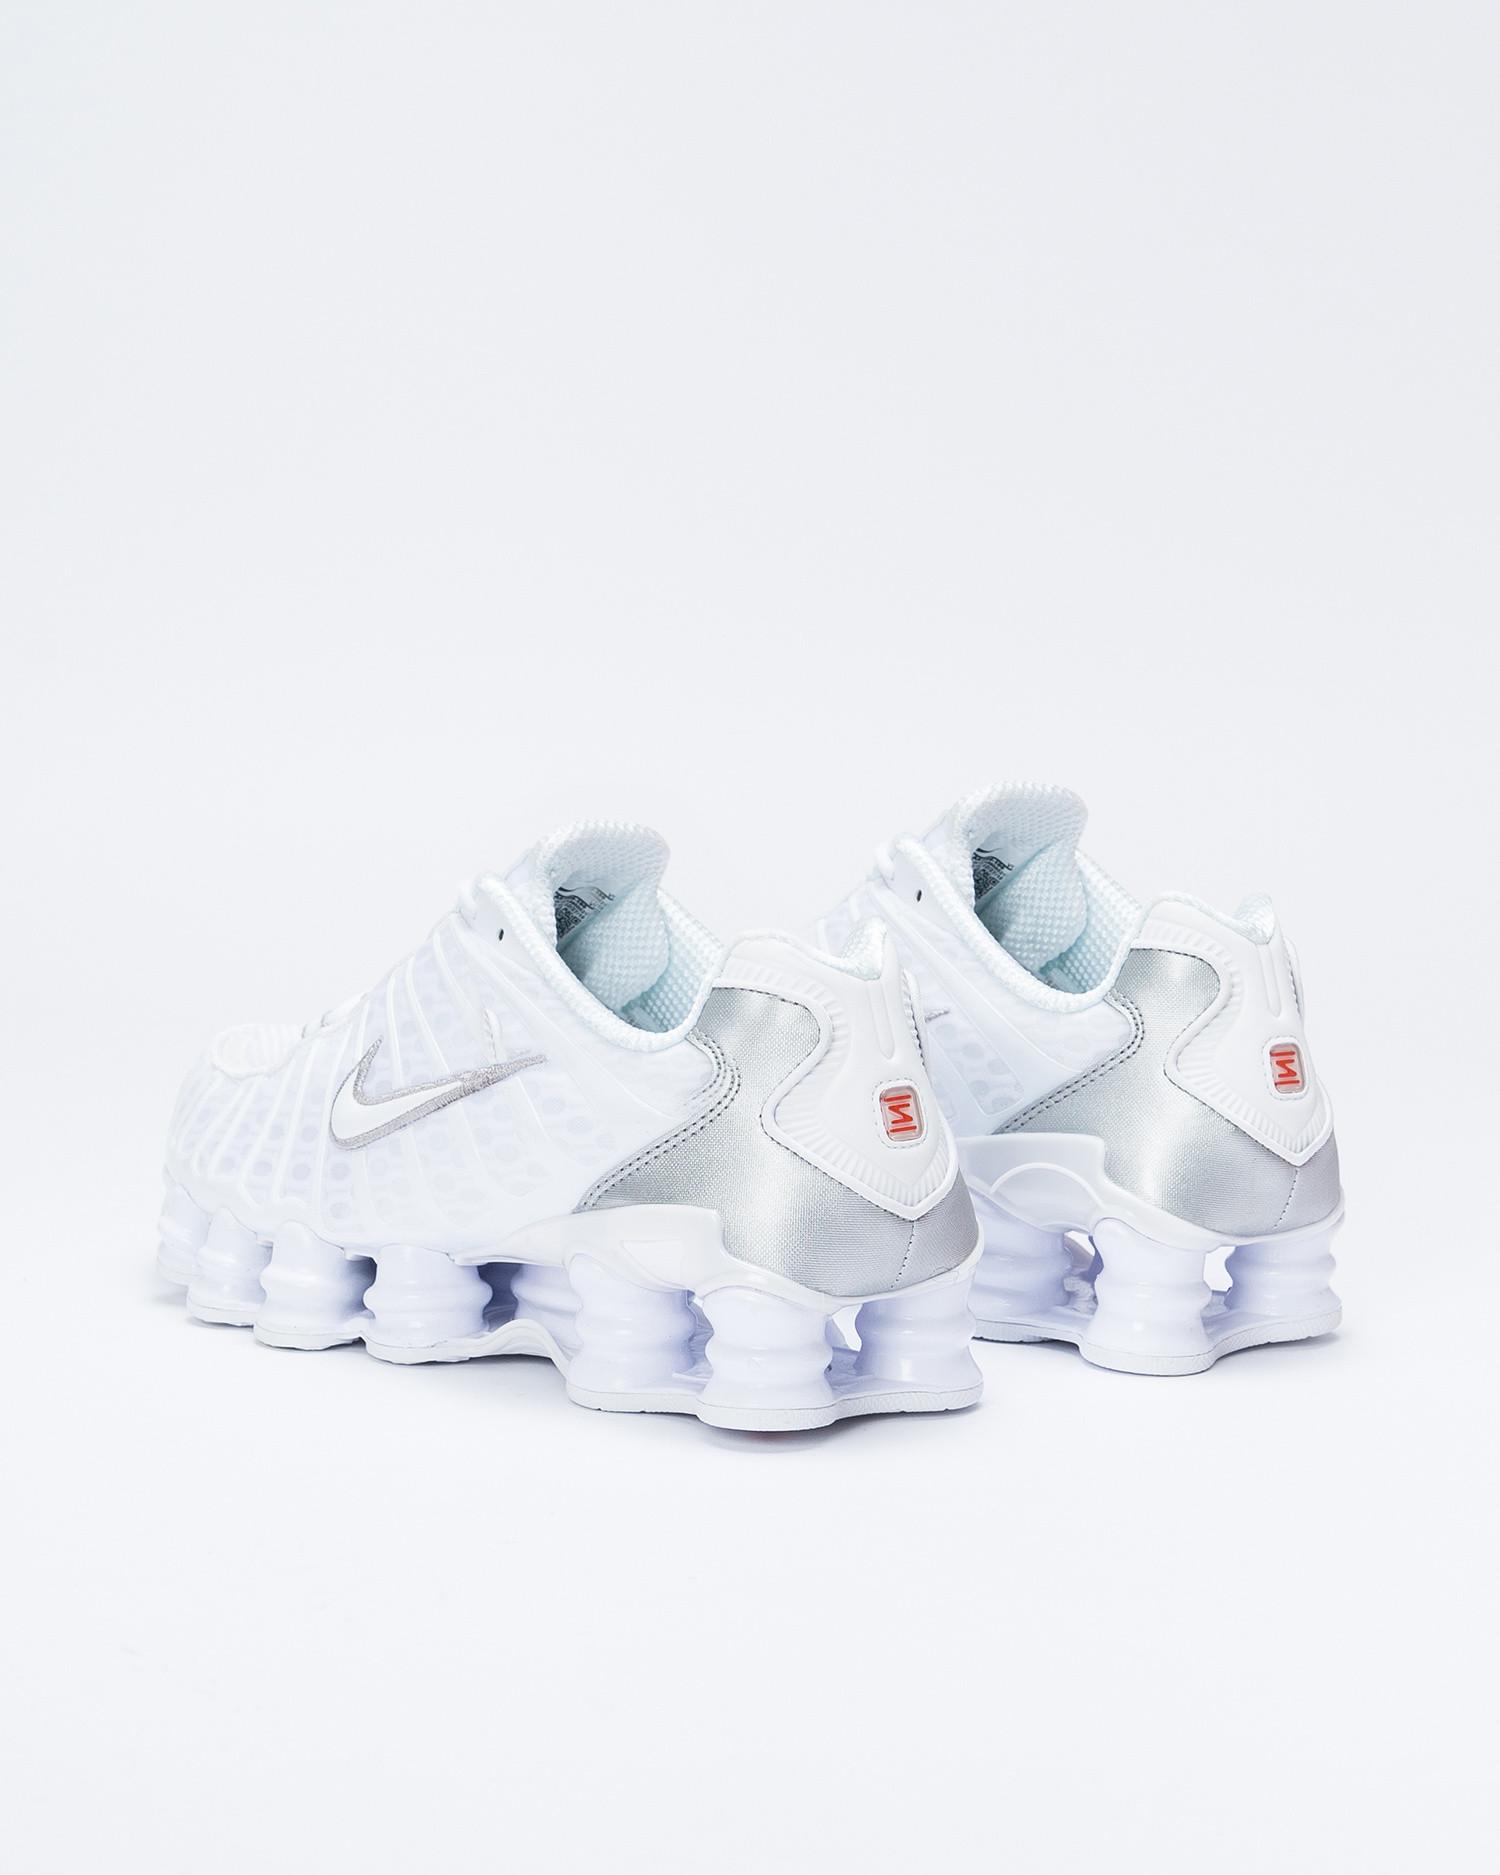 Nike Shox TL White/White-Metallic Silver-Max Orange